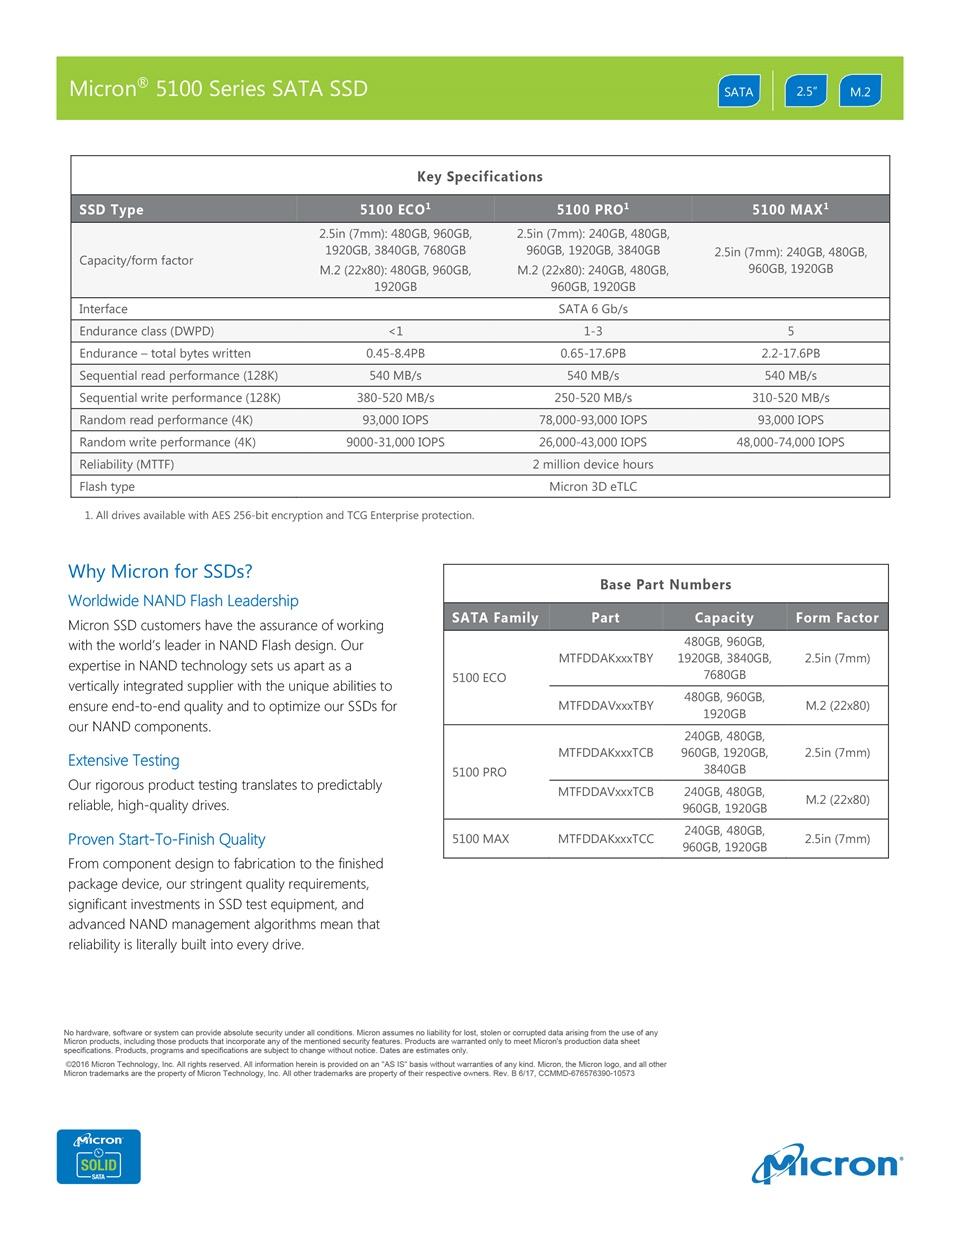 美光(Micron)  5100 Series SSD 2.5in/M.2  ECO/PRO/MAX